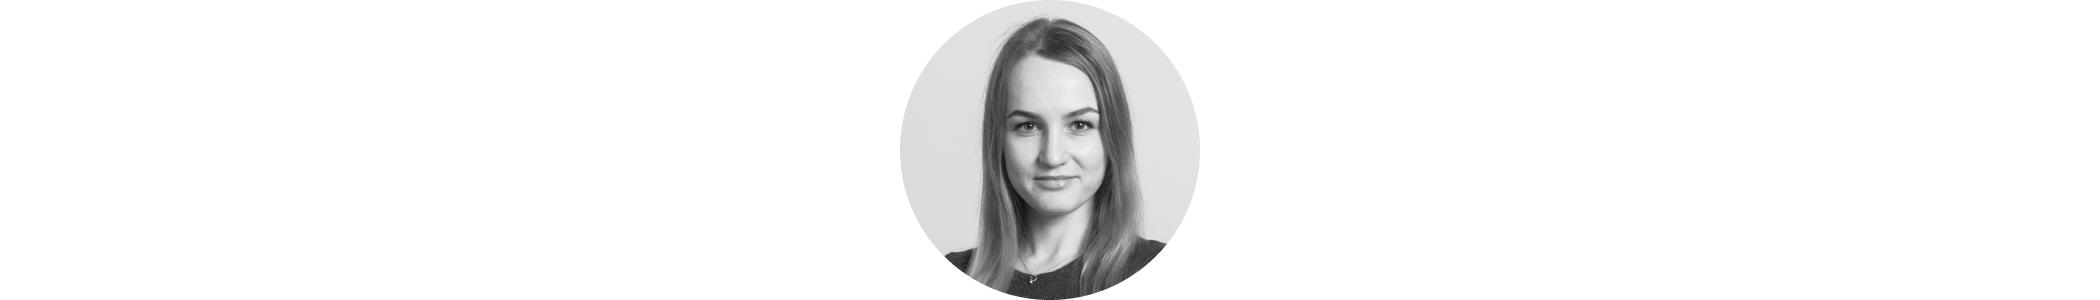 AnastasiaKornilova-3